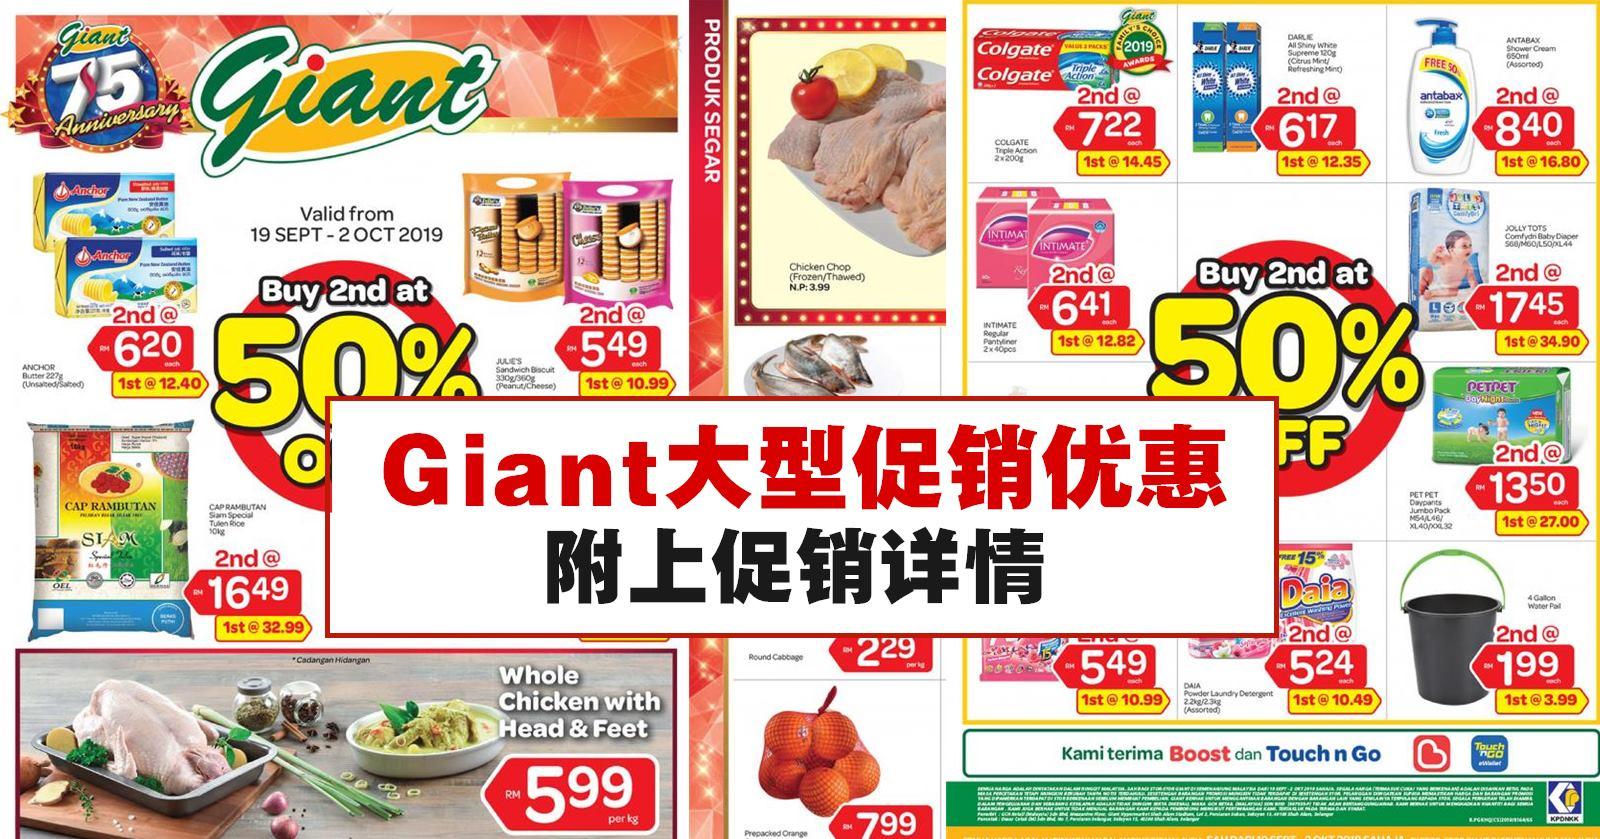 Giant大型促销优惠